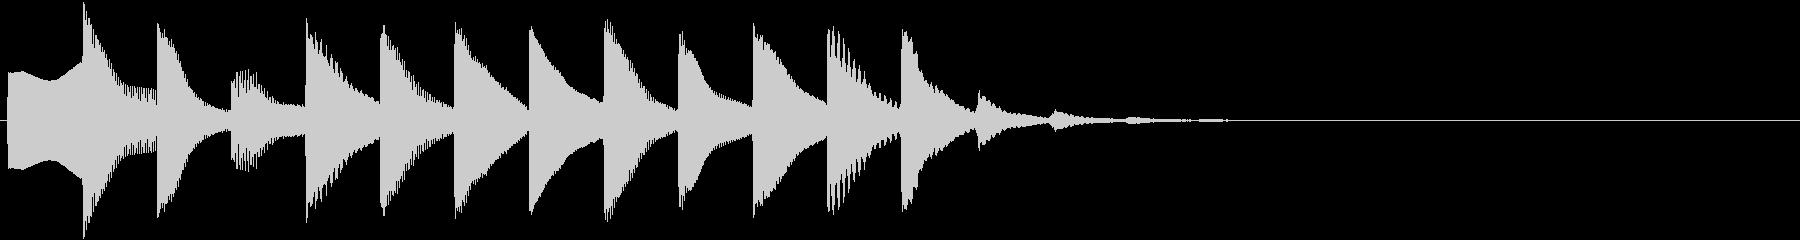 何かが始まりそうな不思議な電子音の未再生の波形